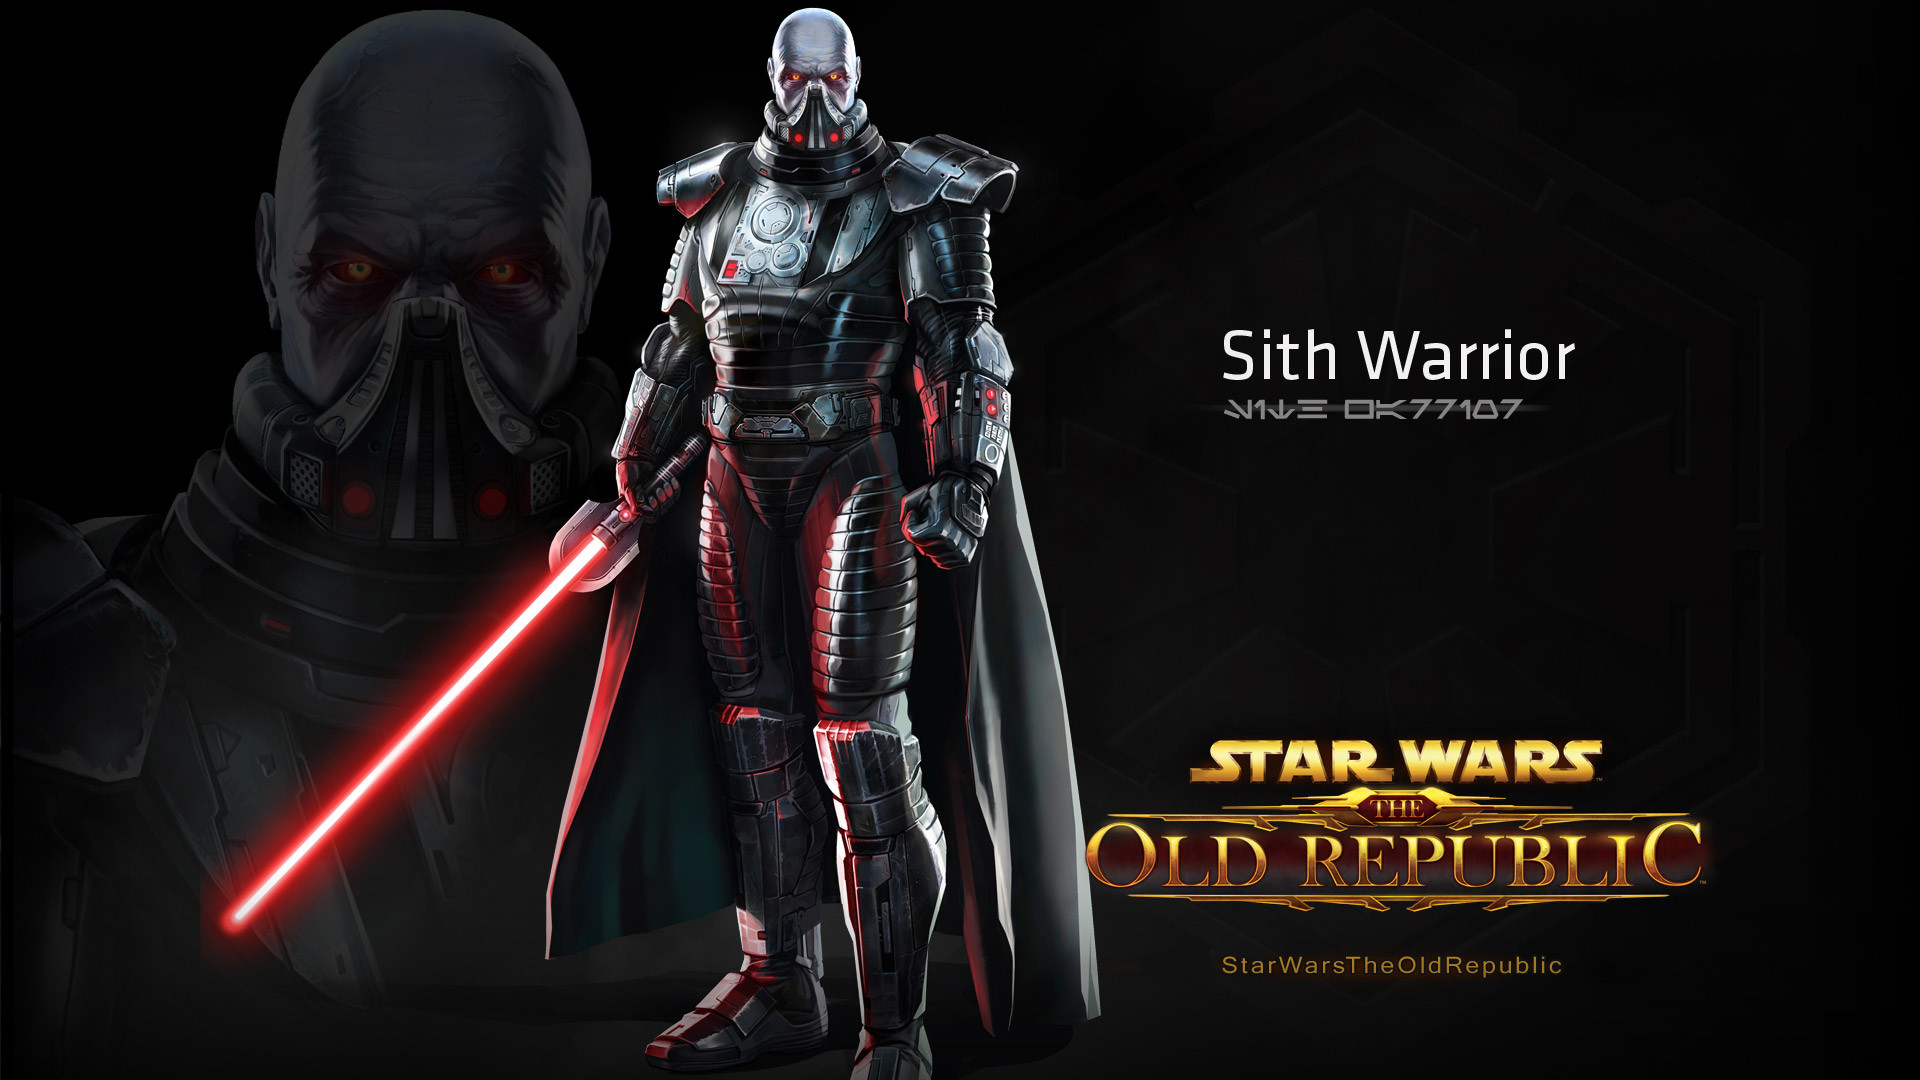 Sith Warrior Wallpaper Sith Warrior Wallpaper · Star wars …